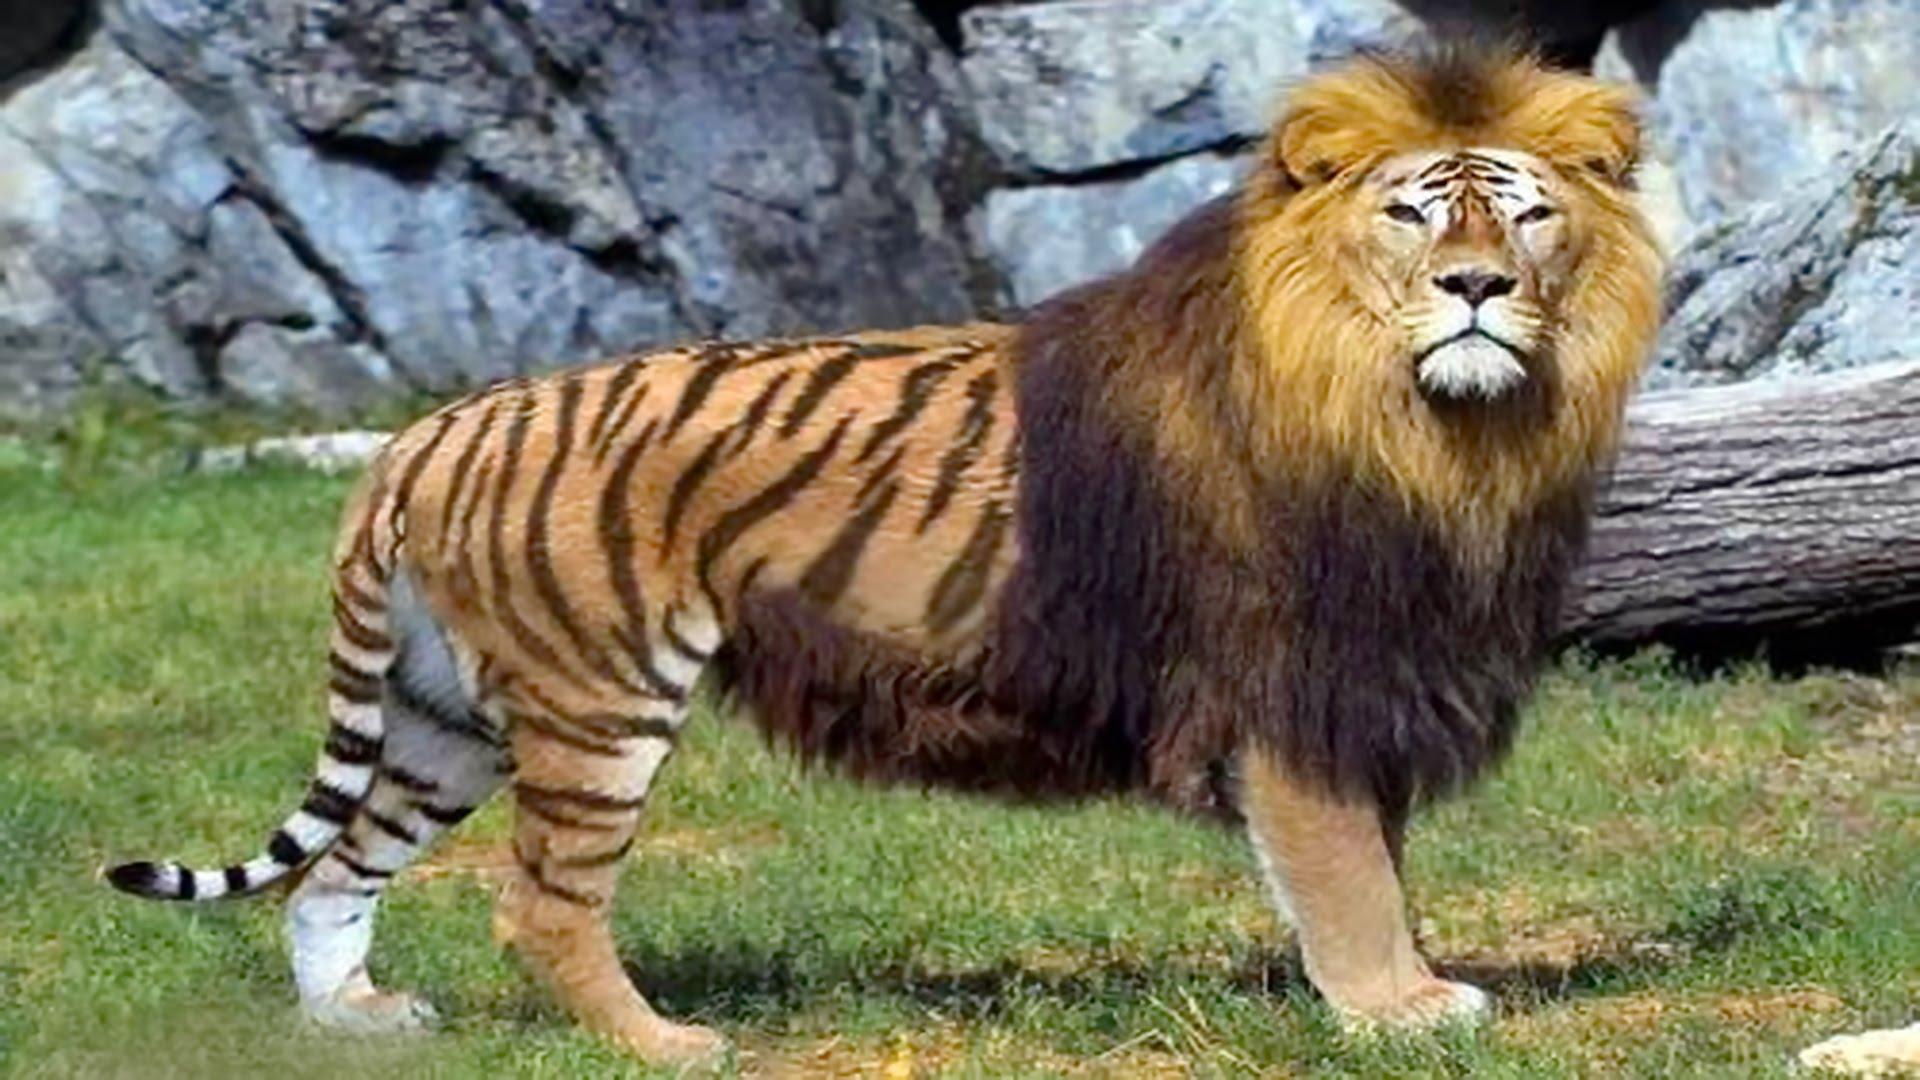 بالصور عجائب الحيوانات , اغرب الحيوانات اللى ممكن تشوفها فى حياتك 476 3